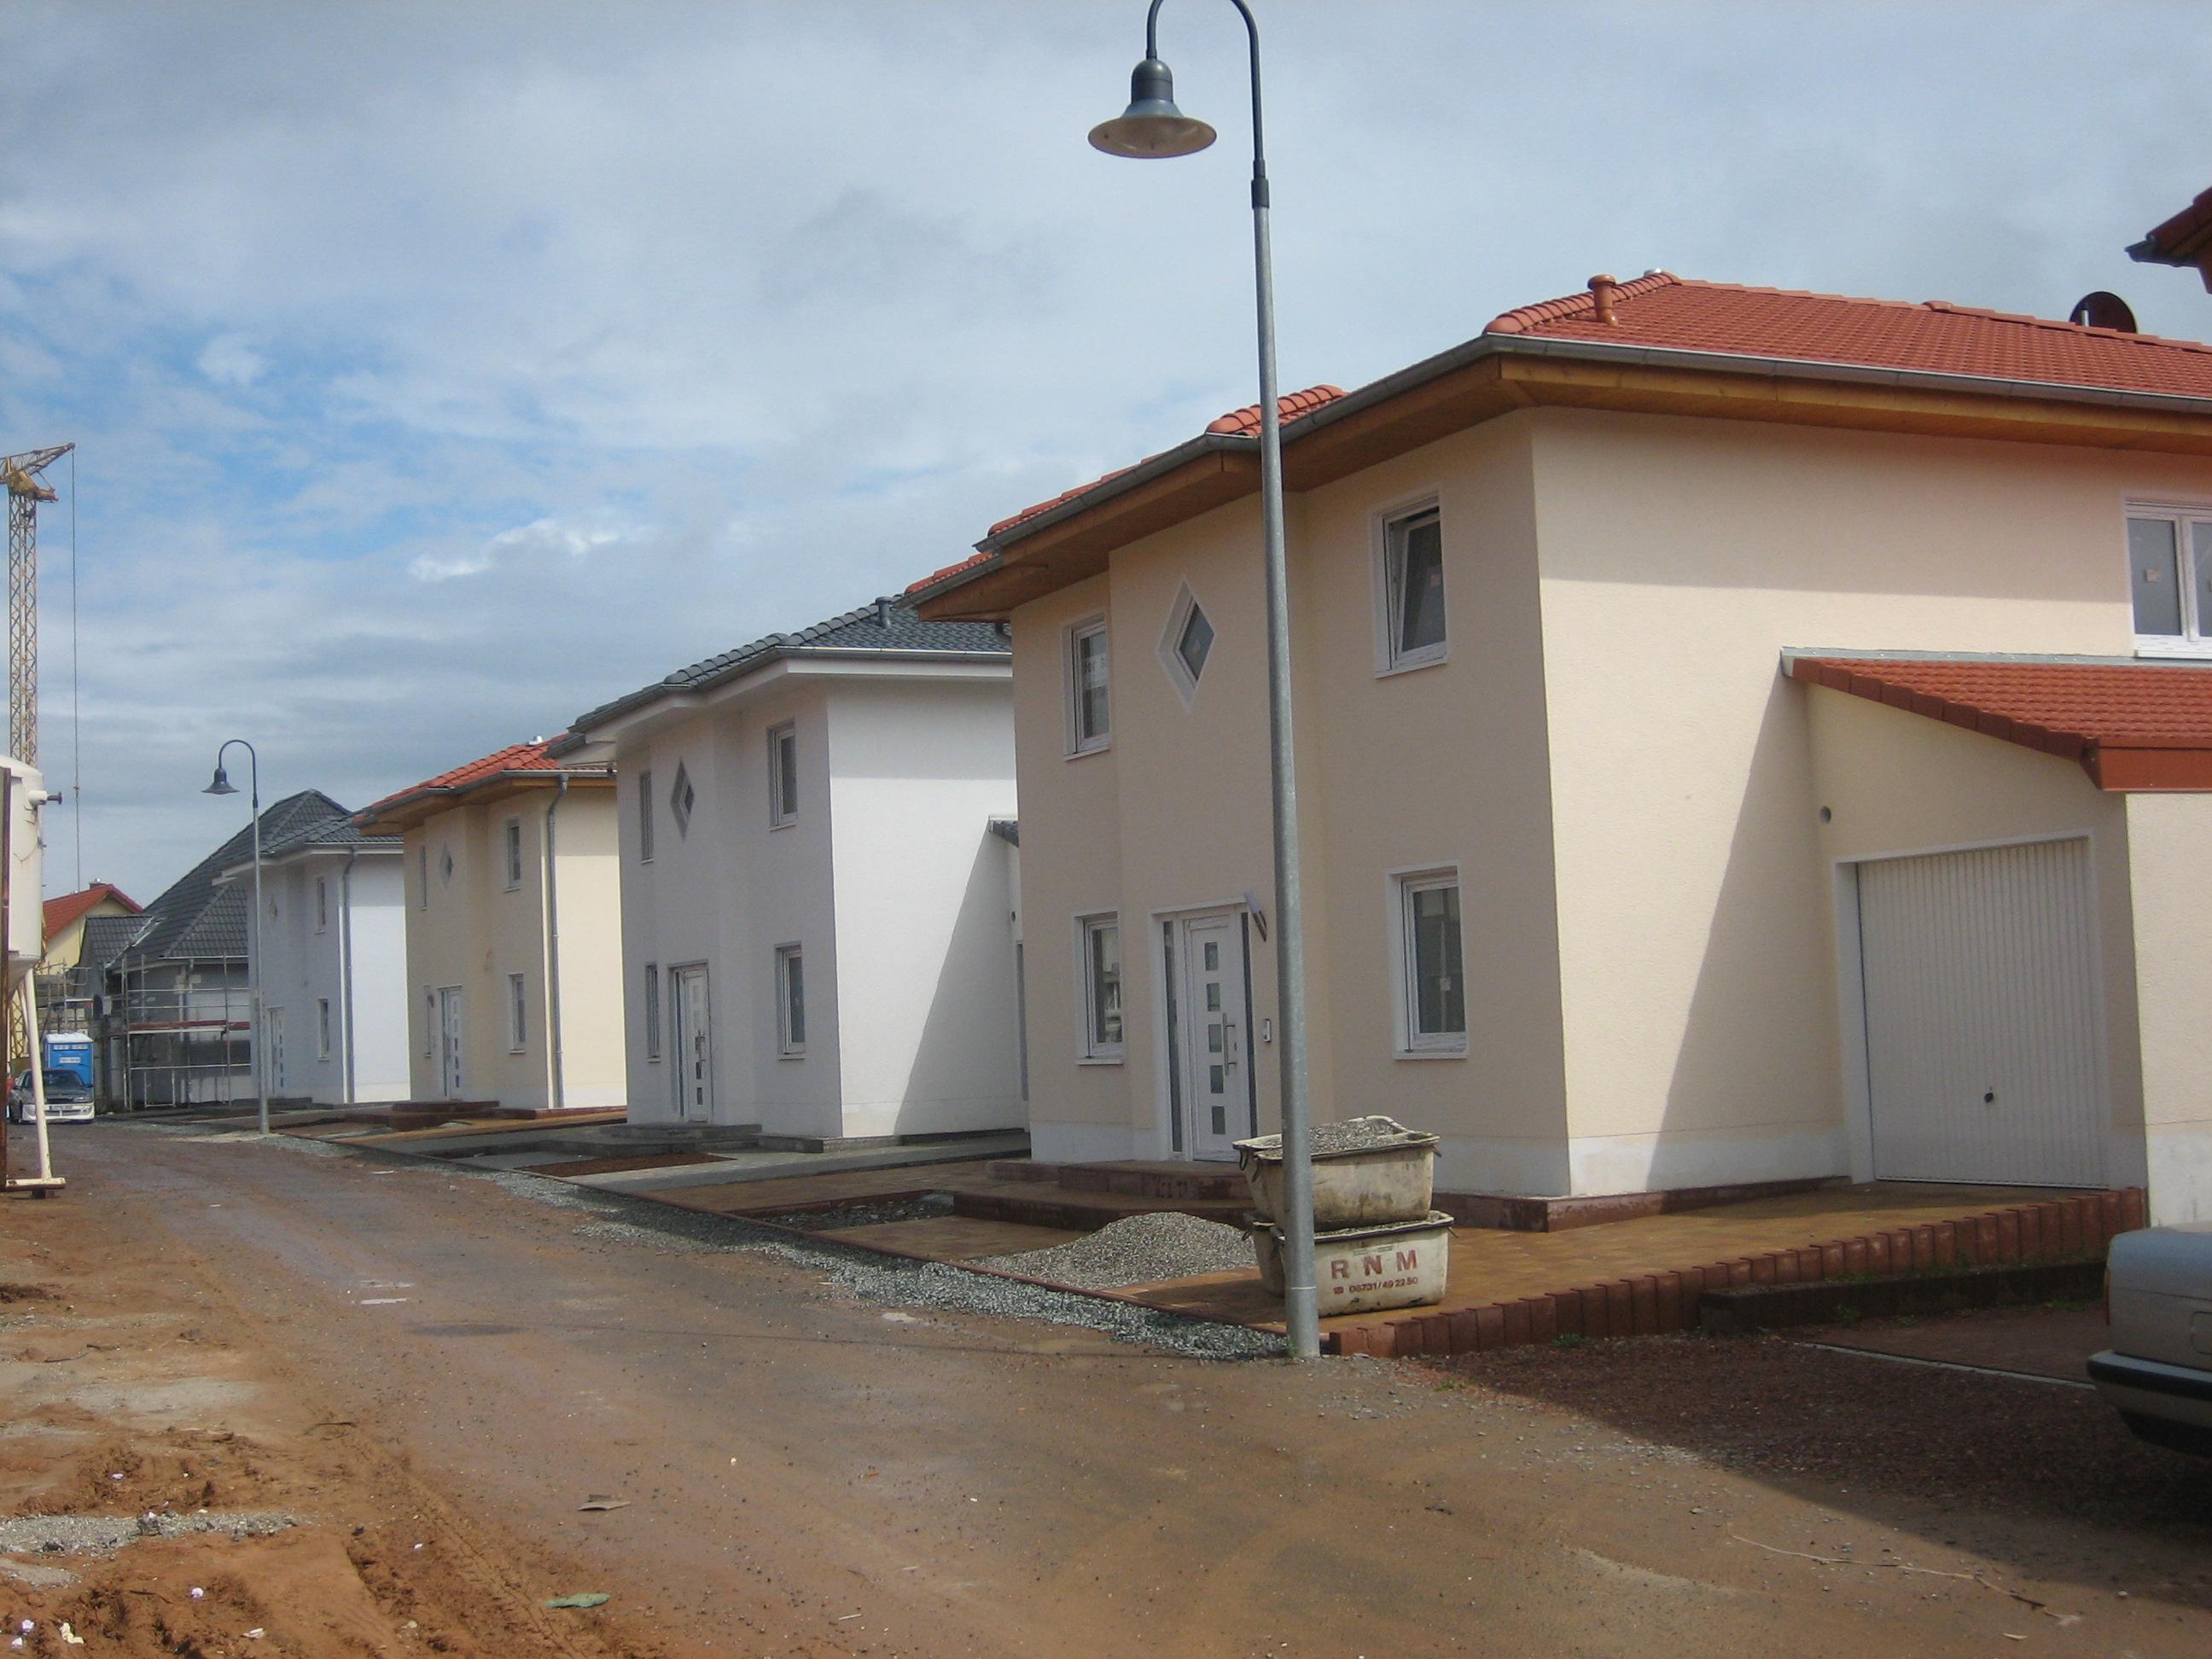 Immobilien Kleinanzeigen in Teschenmoschel - Seite 1